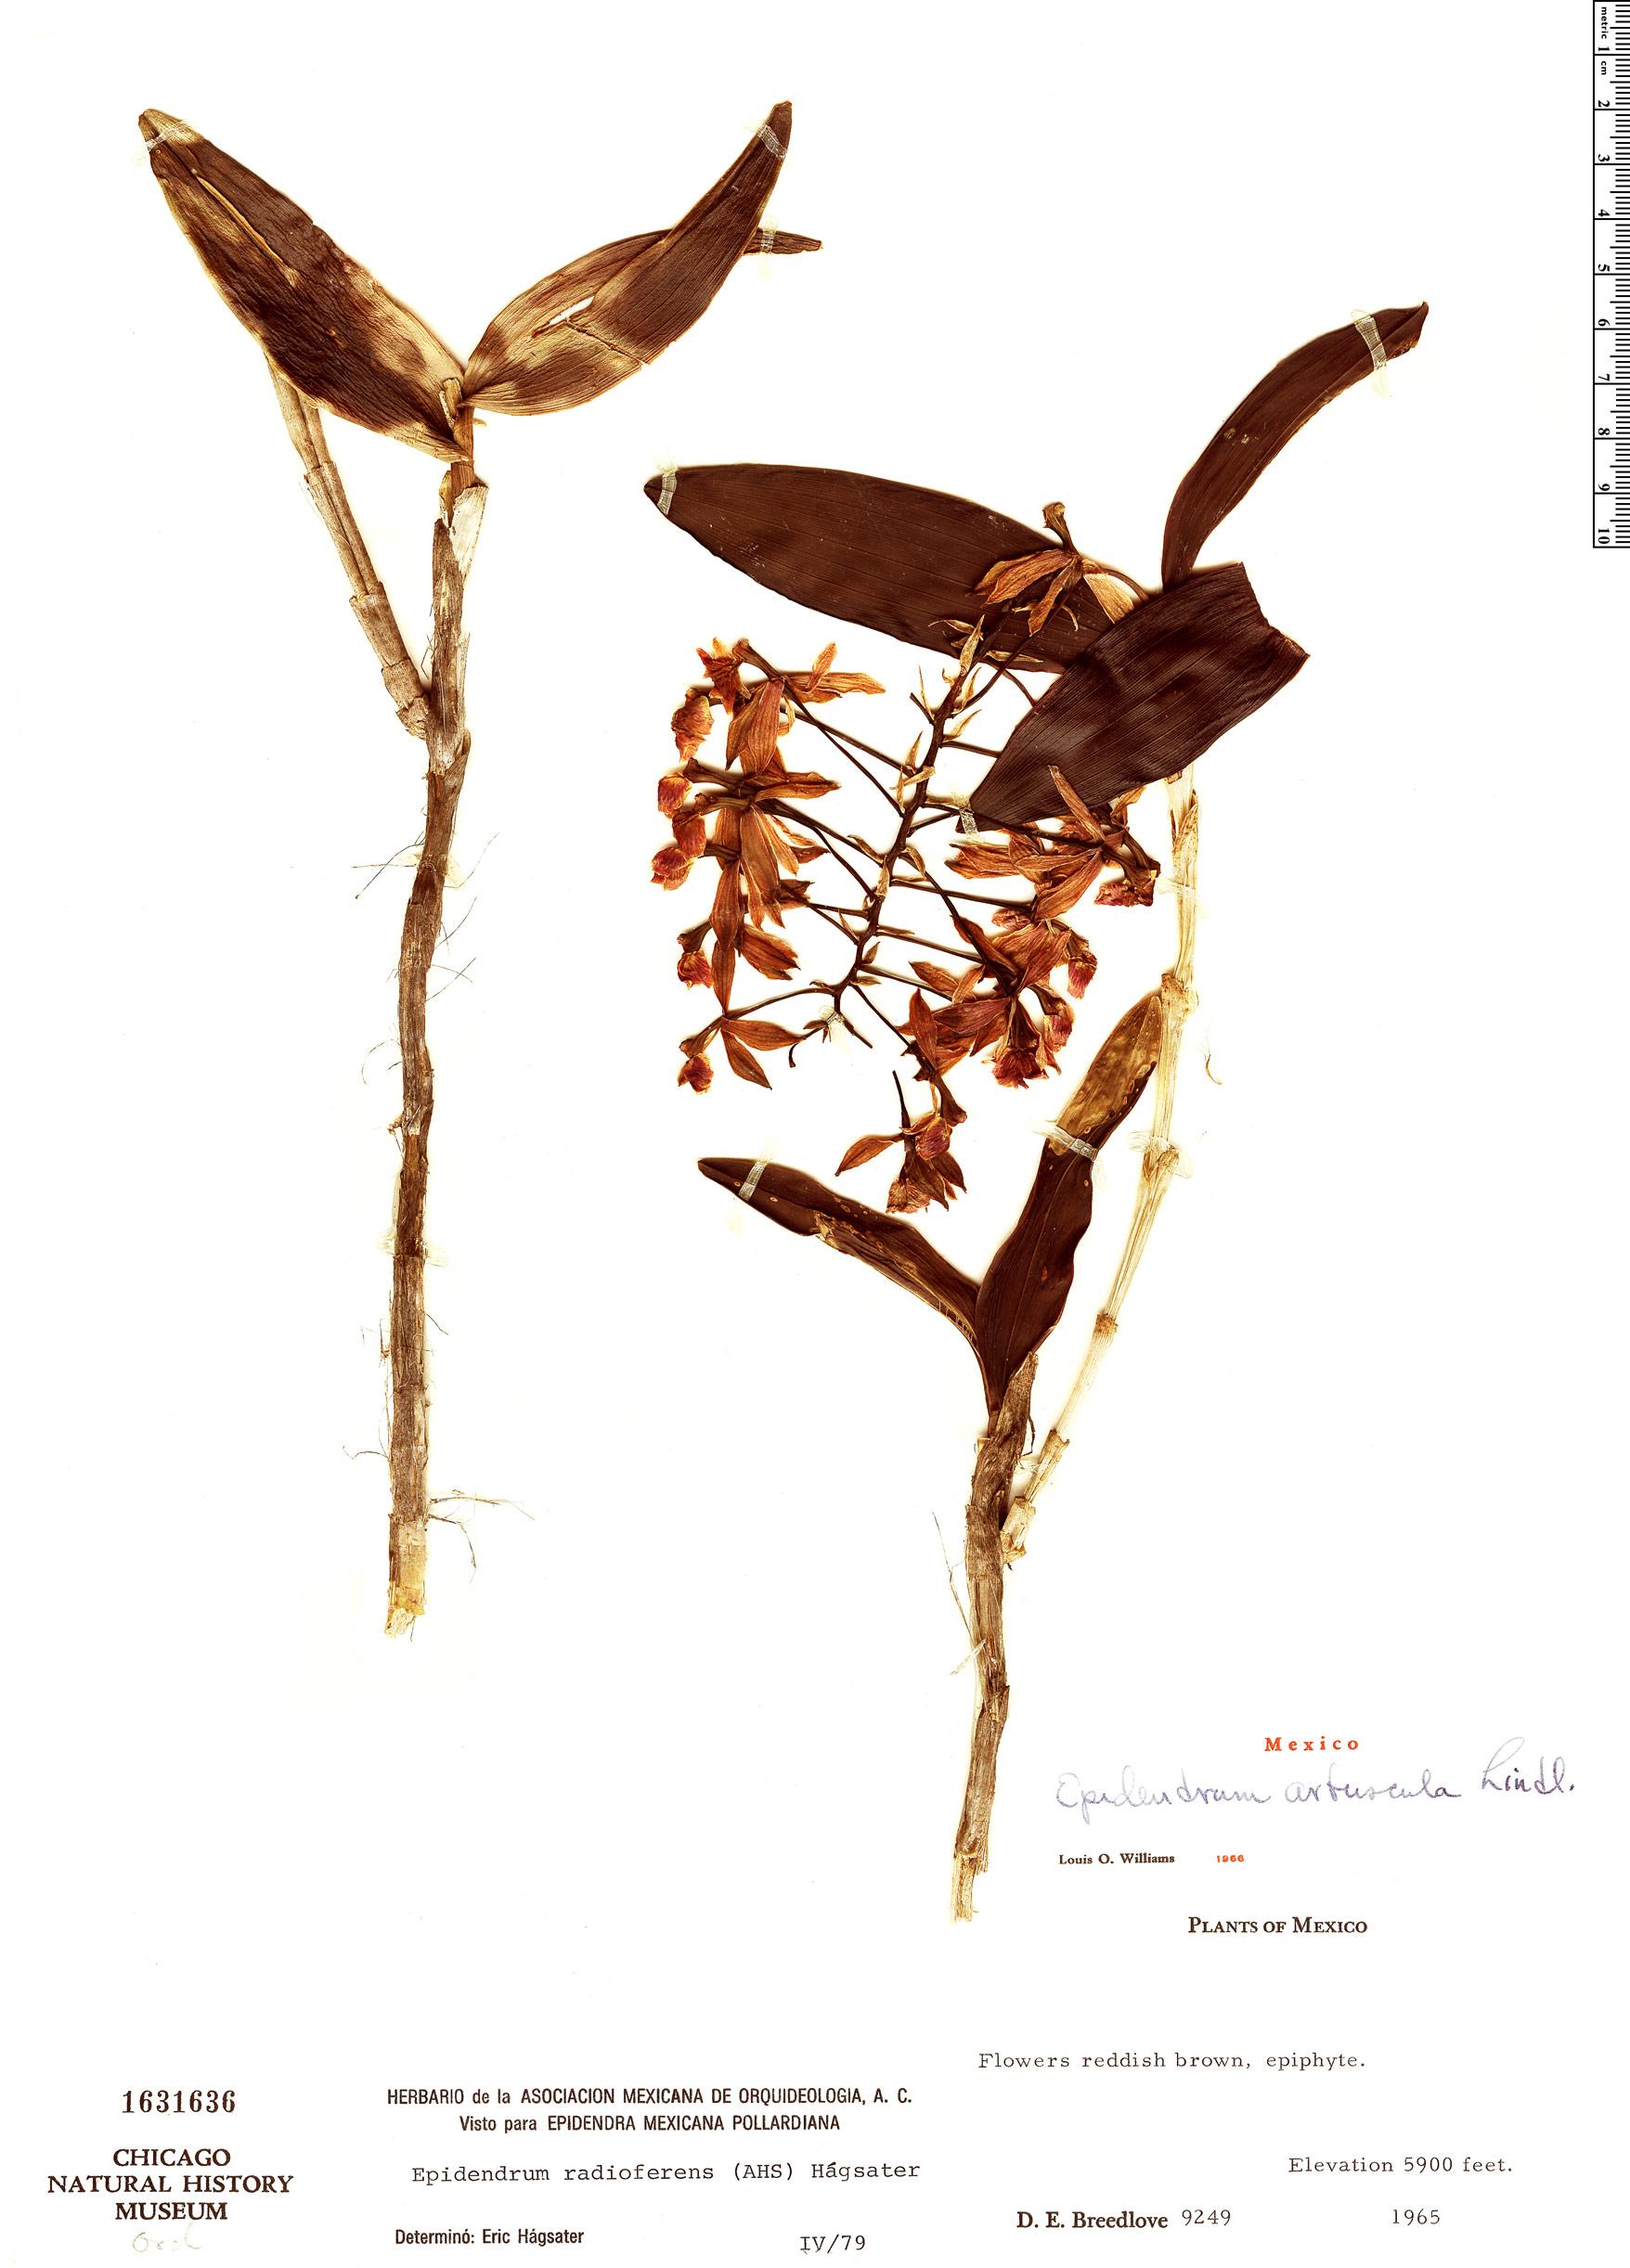 Specimen: Epidendrum radioferens